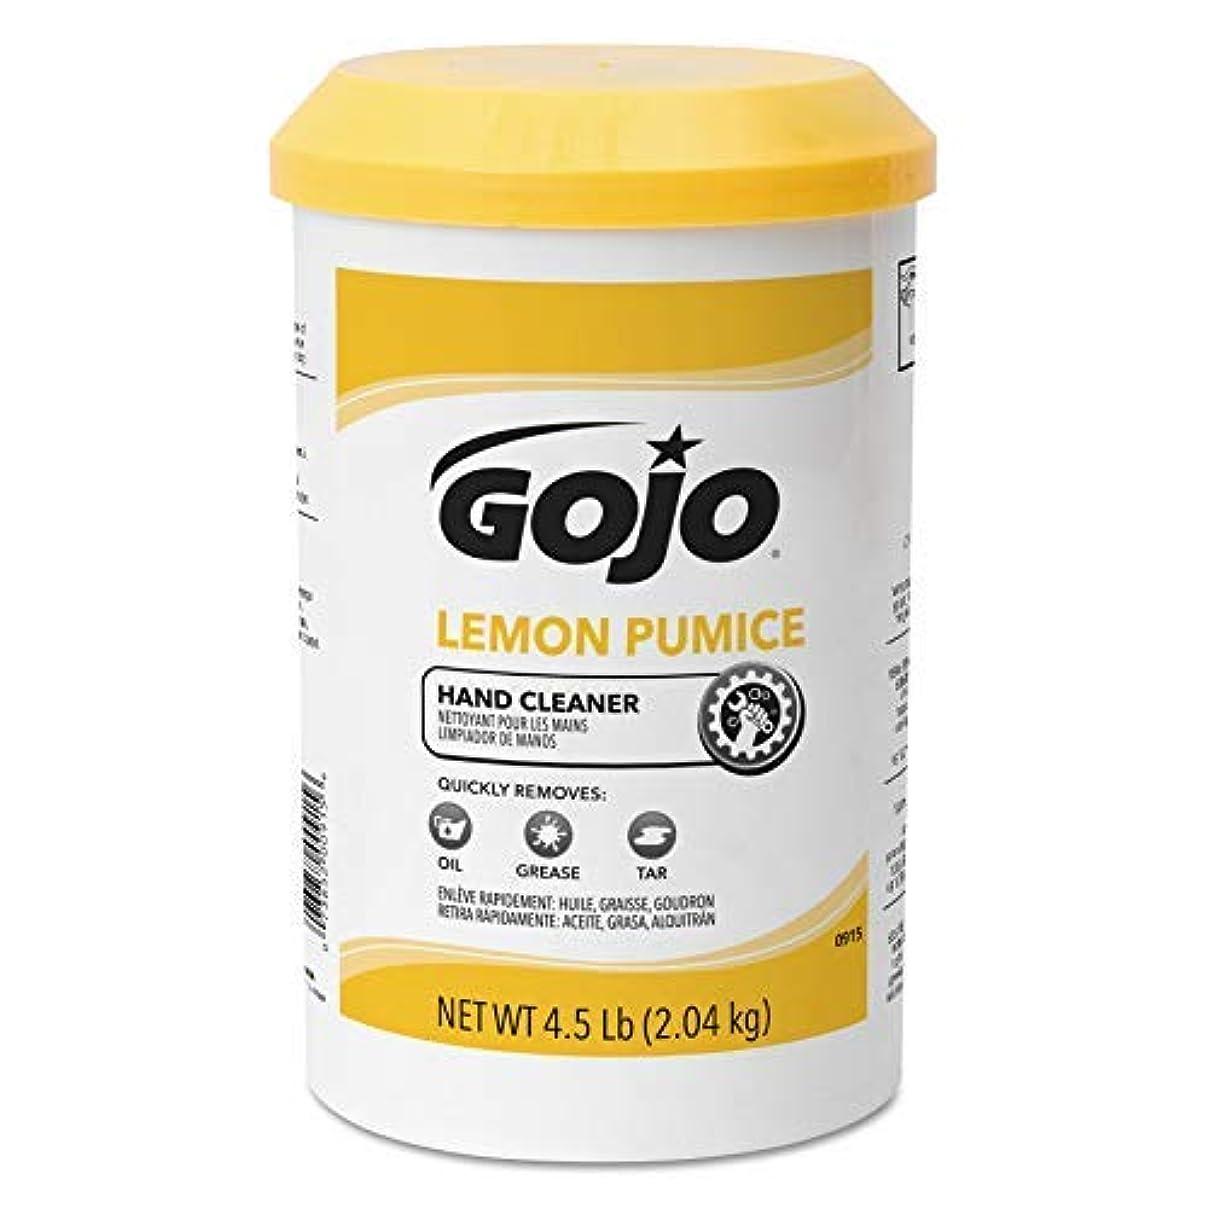 解体する宙返り凍ったGOJO Creme-Style Hand Cleaner with Pumice,Lemon Scent,4.5 Pounds Hand Cleaner Canister Refill for GOJO Creme-Style...